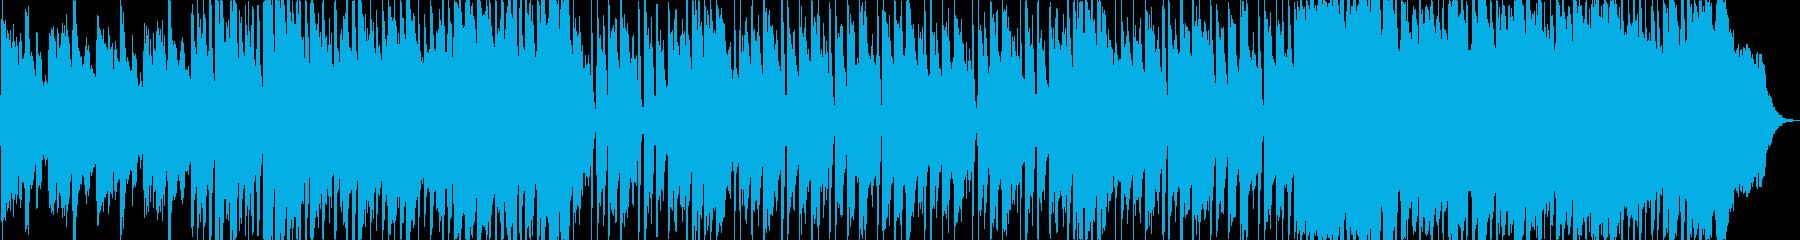 ほのぼのした雰囲気のジングルの再生済みの波形